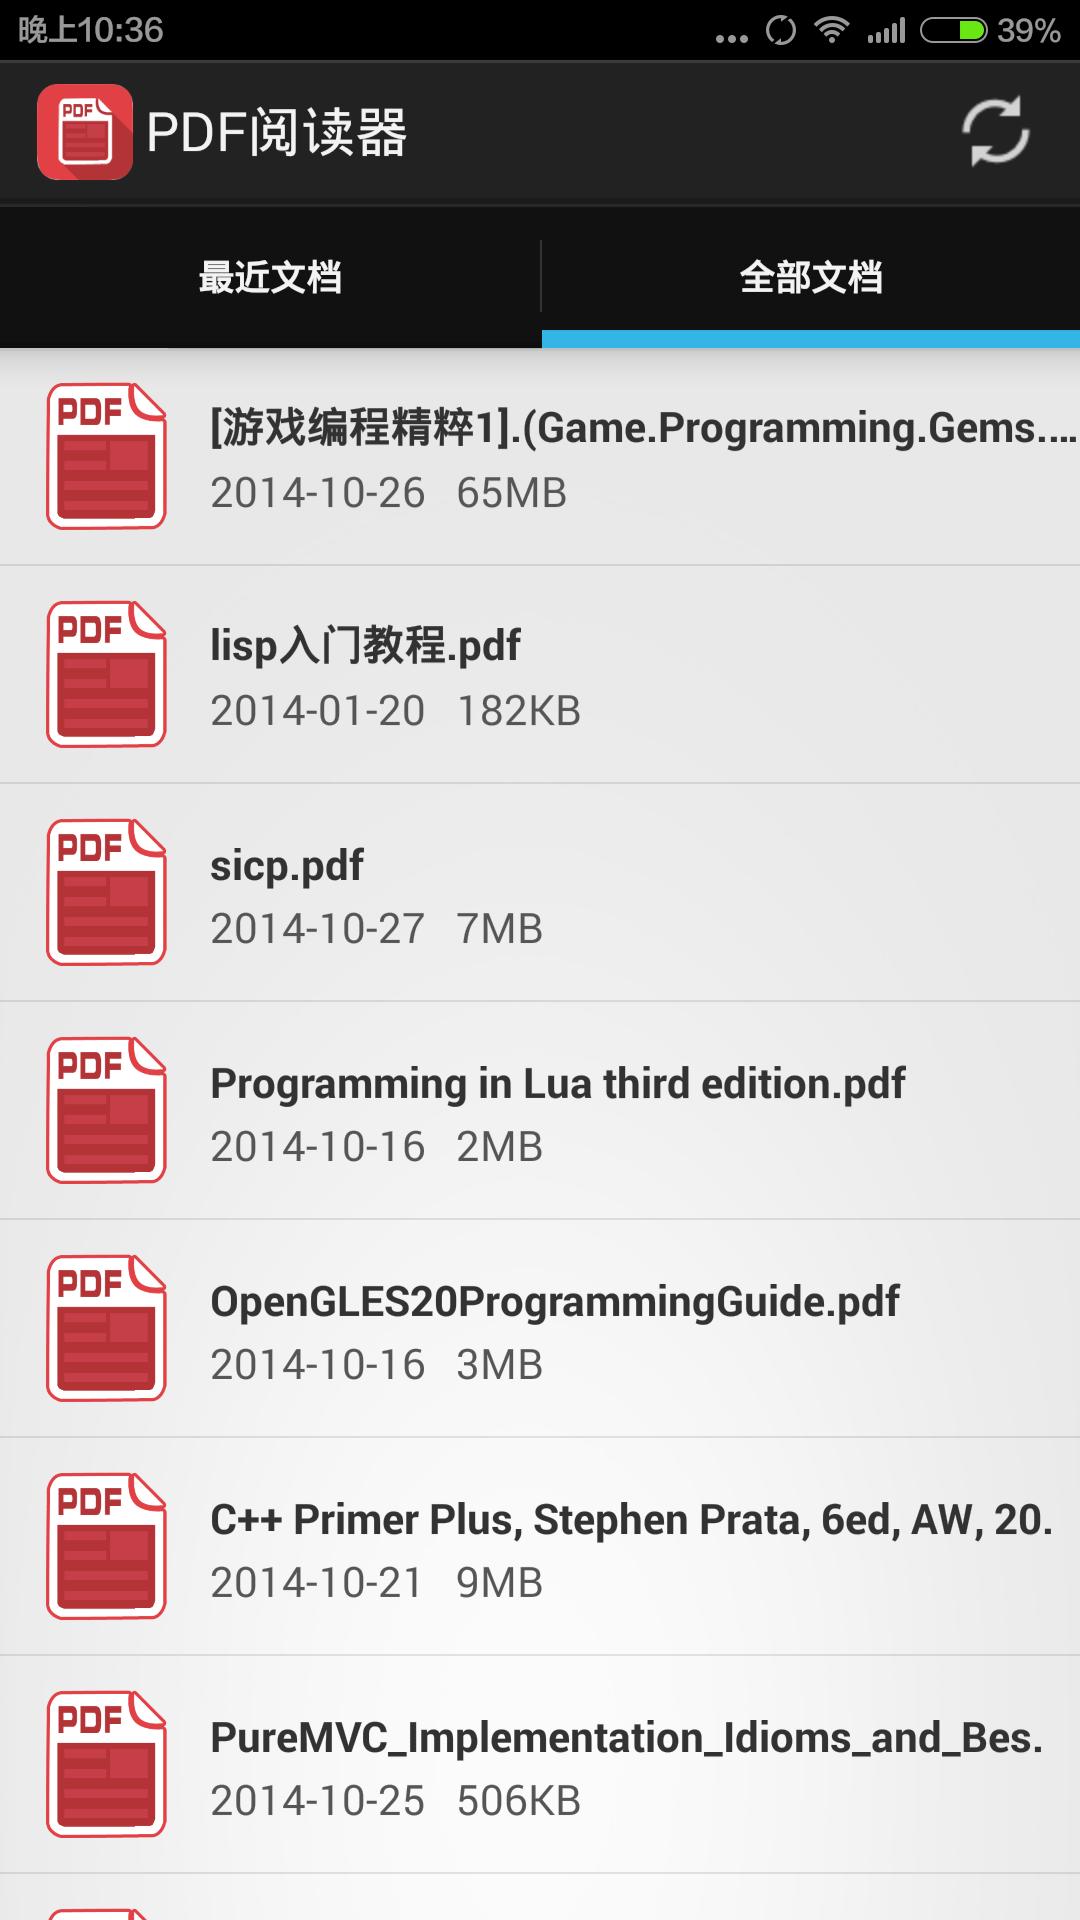 PDF阅读器 V2.9.2 安卓版截图1